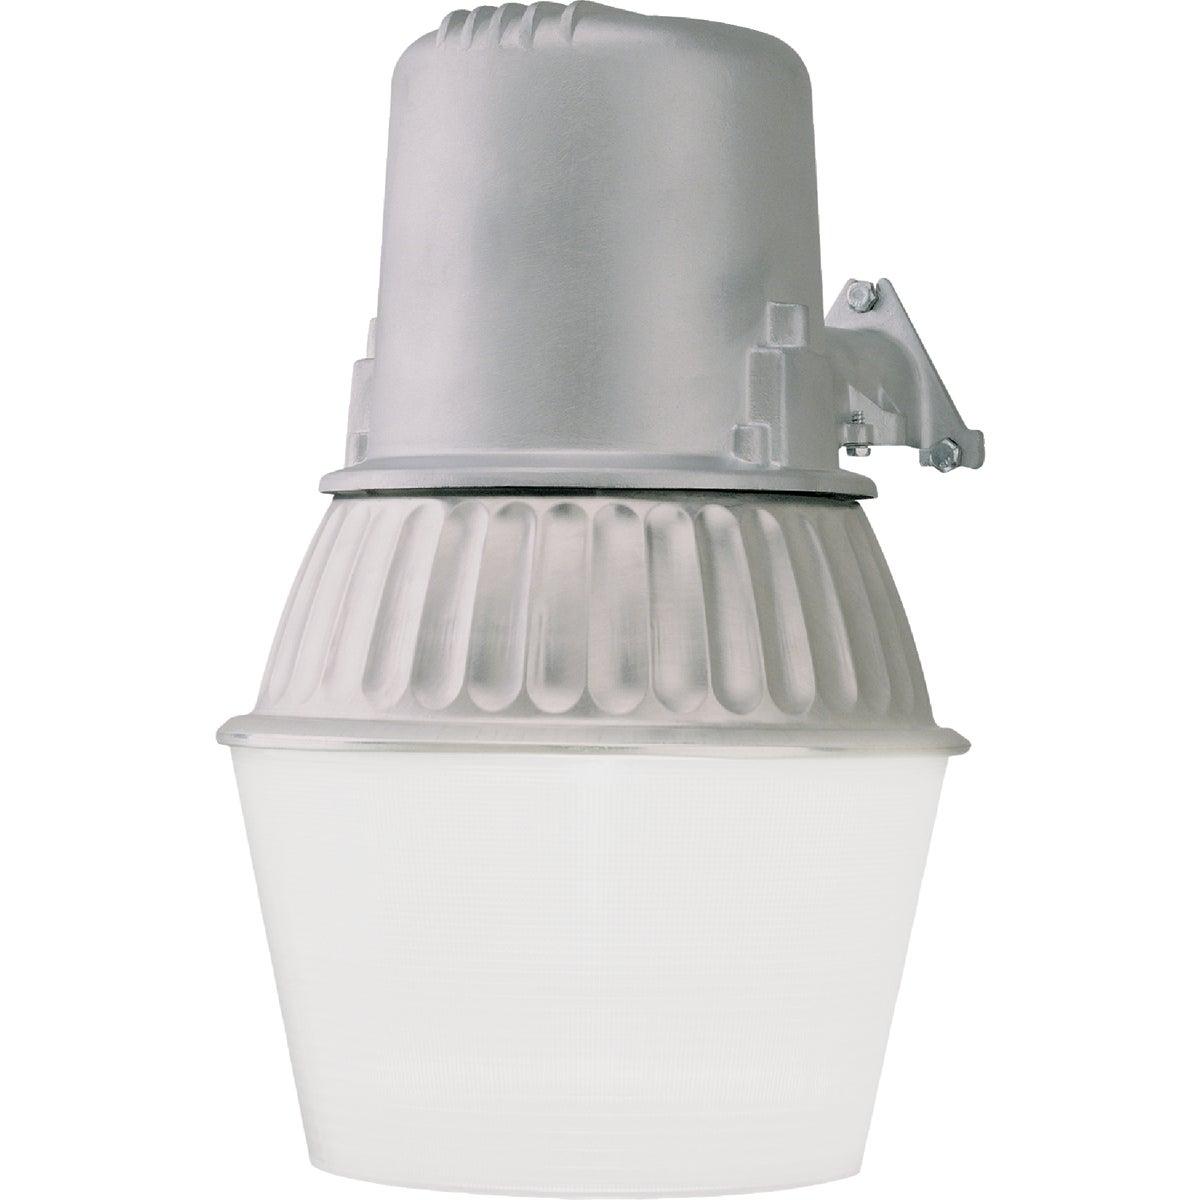 65W FLUOR AREA LIGHT - AL6501FL by Cooper Lighting